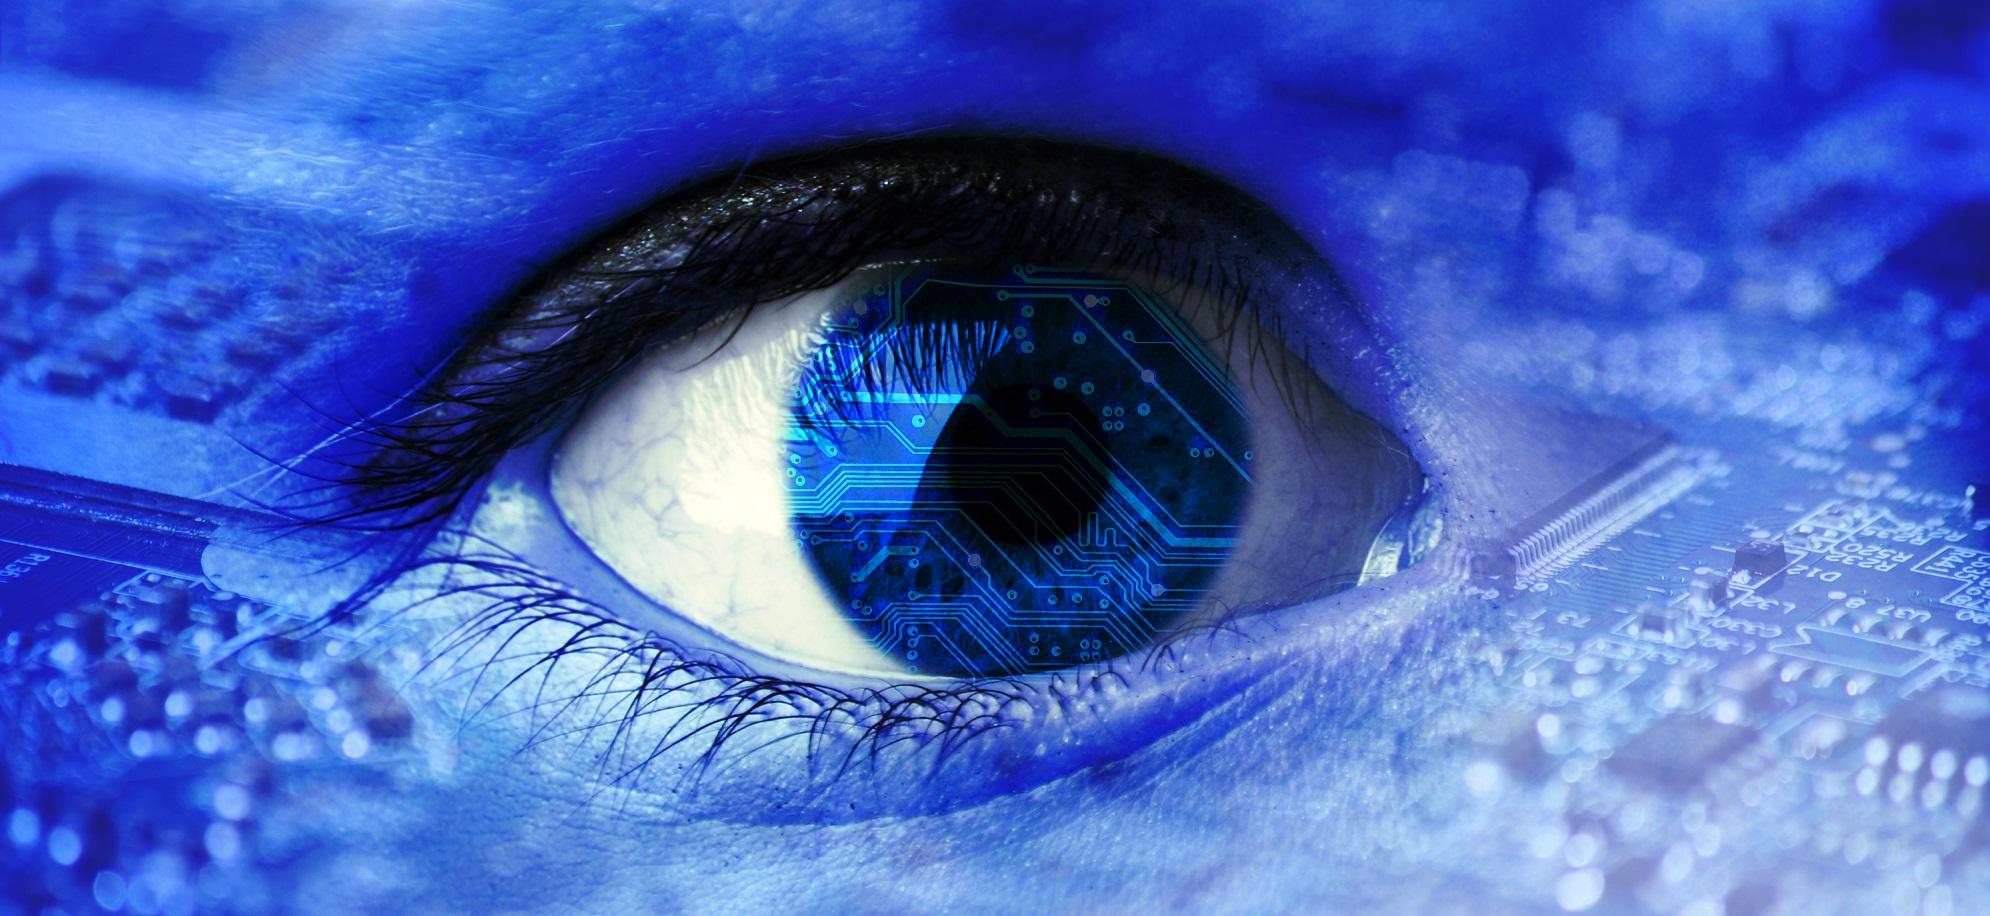 Cómo se ve el mundo a través de un ojo biónico